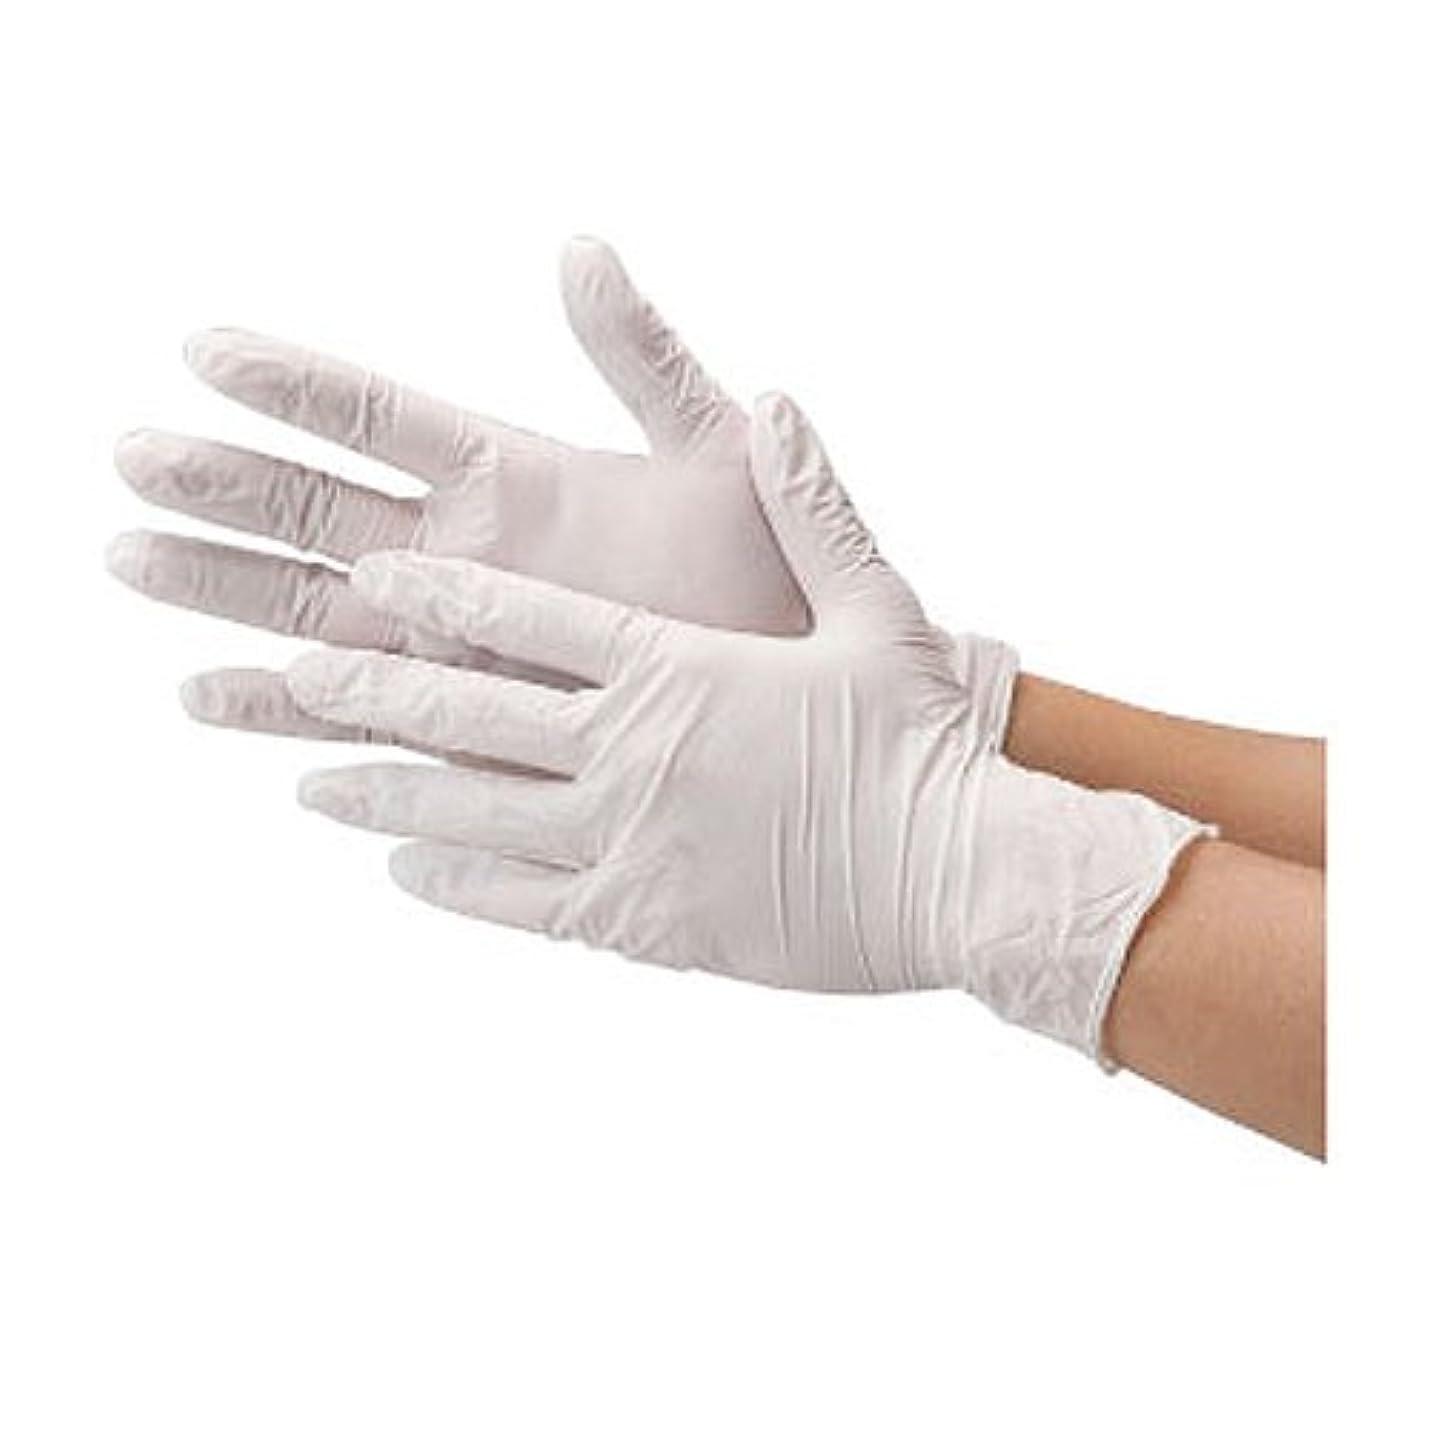 内側篭カトリック教徒川西工業 ニトリル 使いきり手袋 ストロング 粉無 100枚入り 2037 ホワイトSS